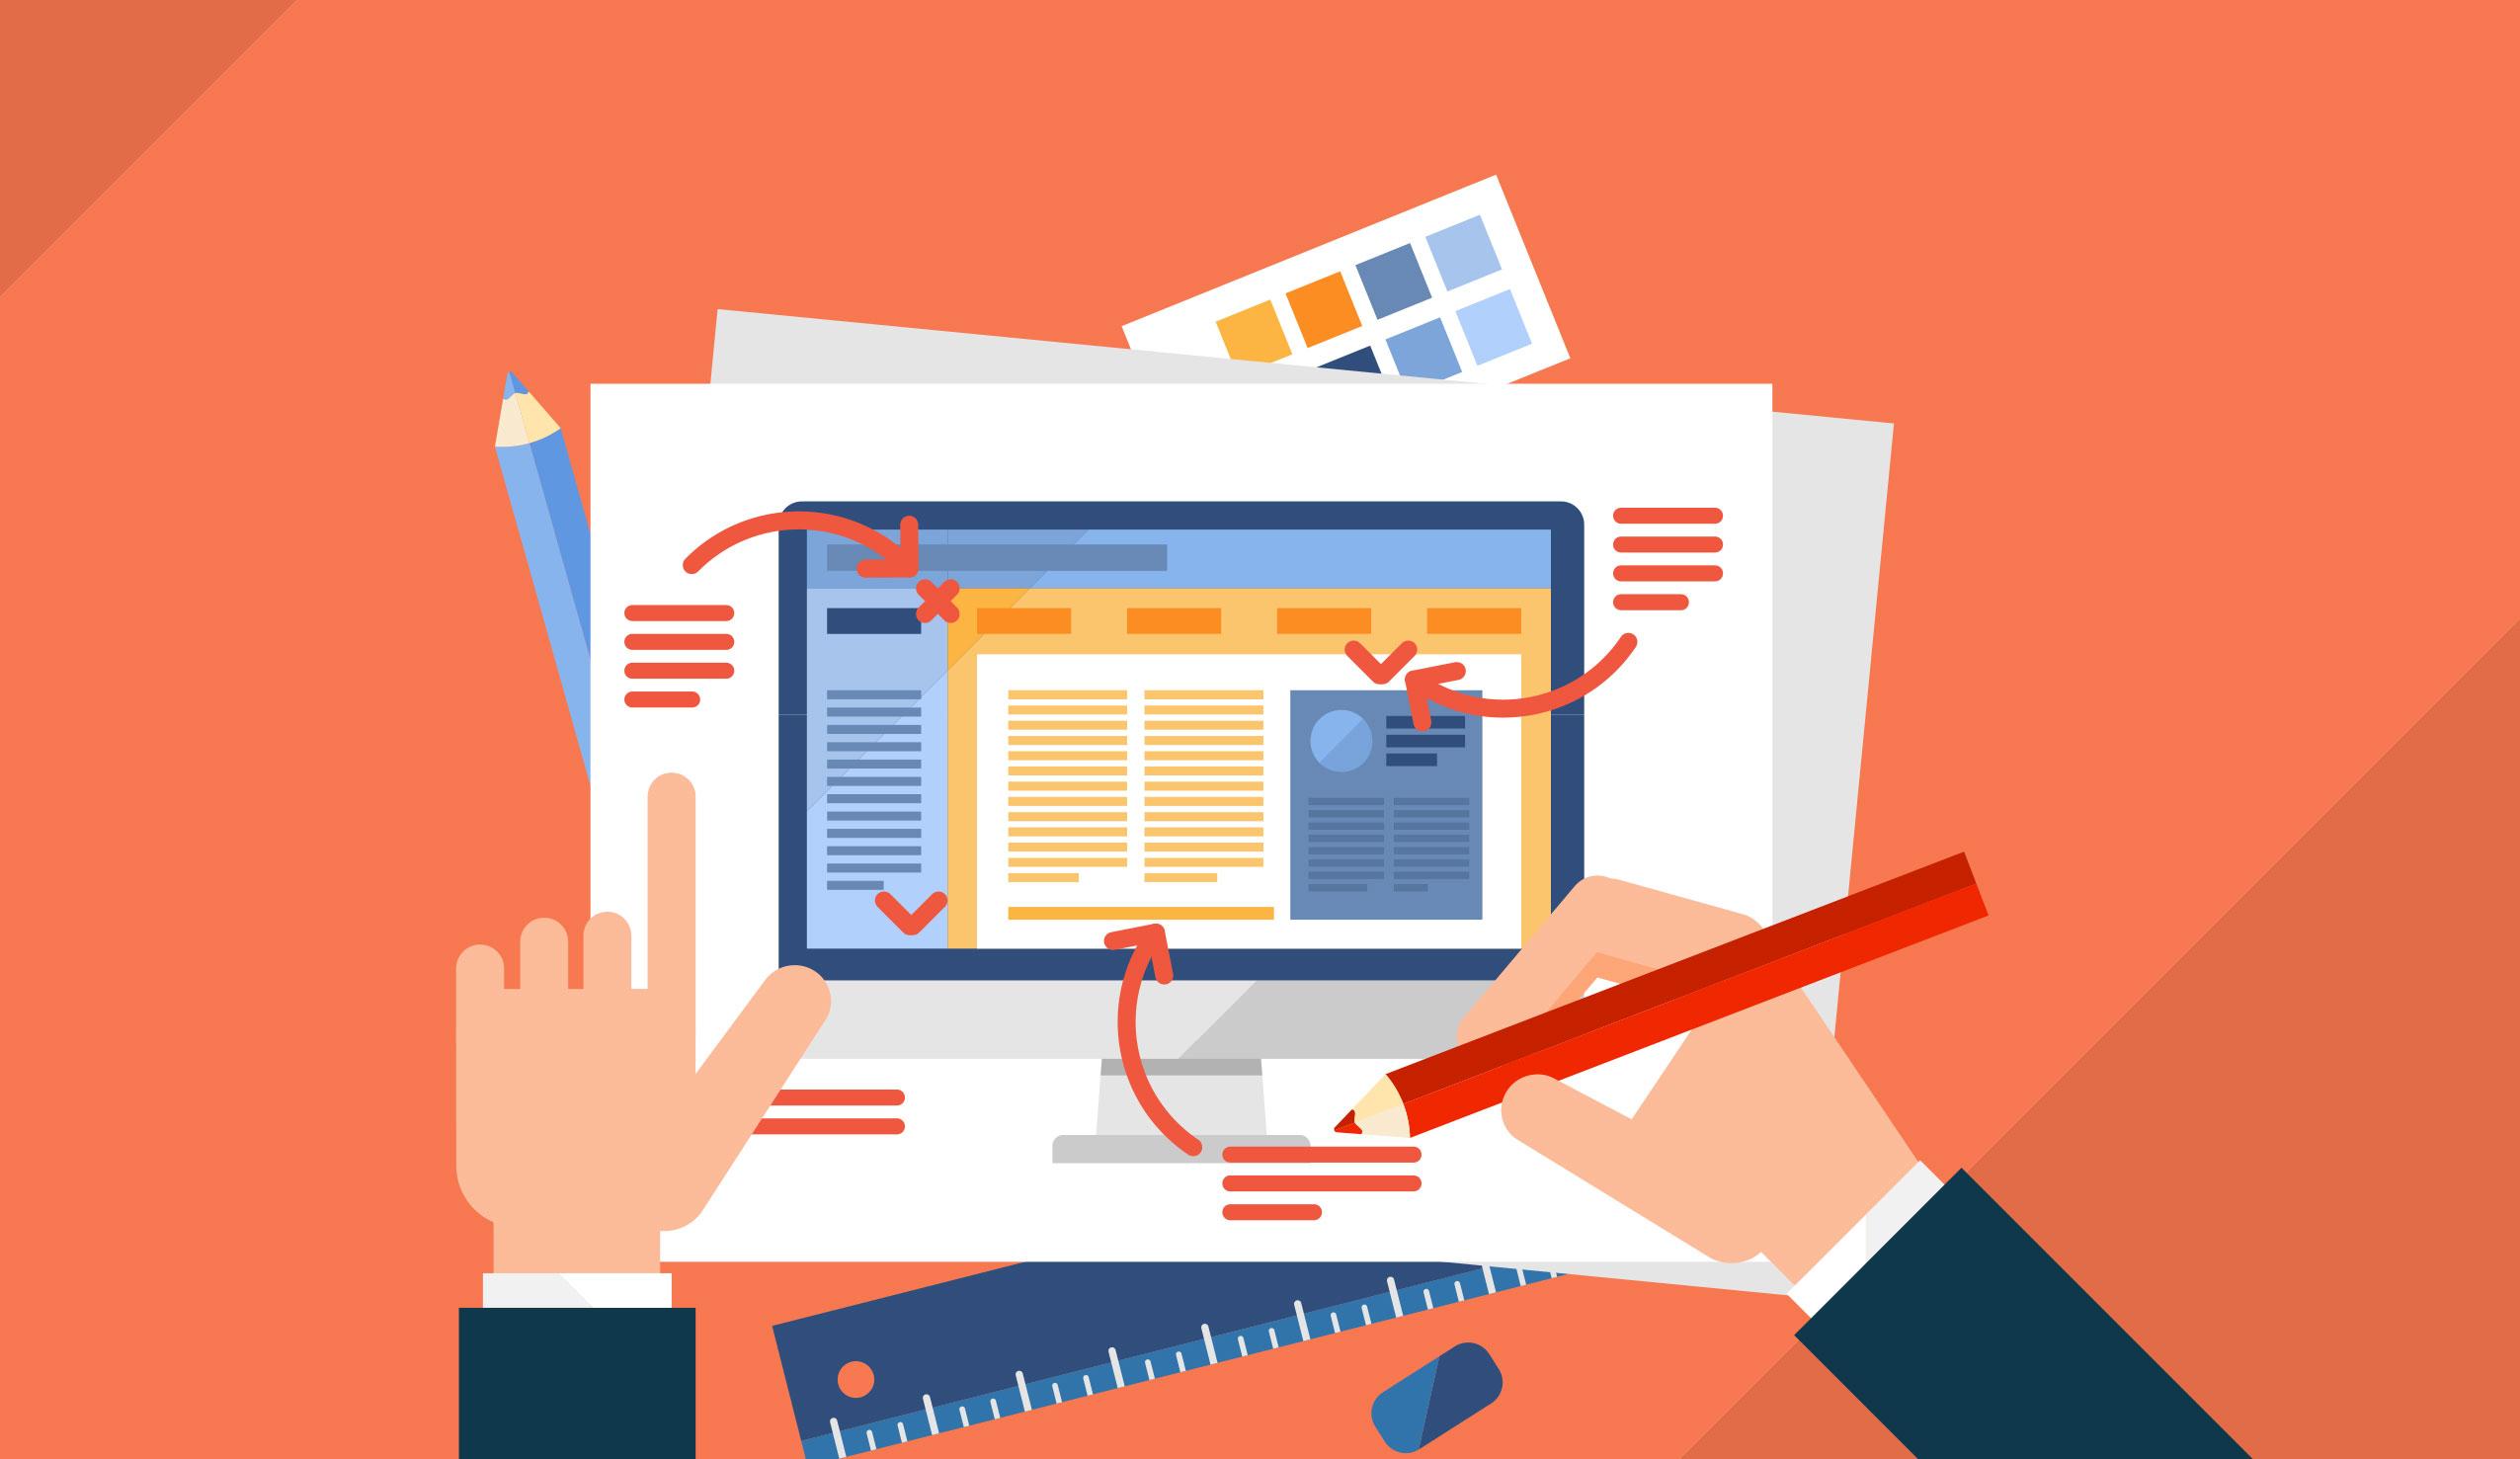 Cosa rende visivamente attraente un sito web?